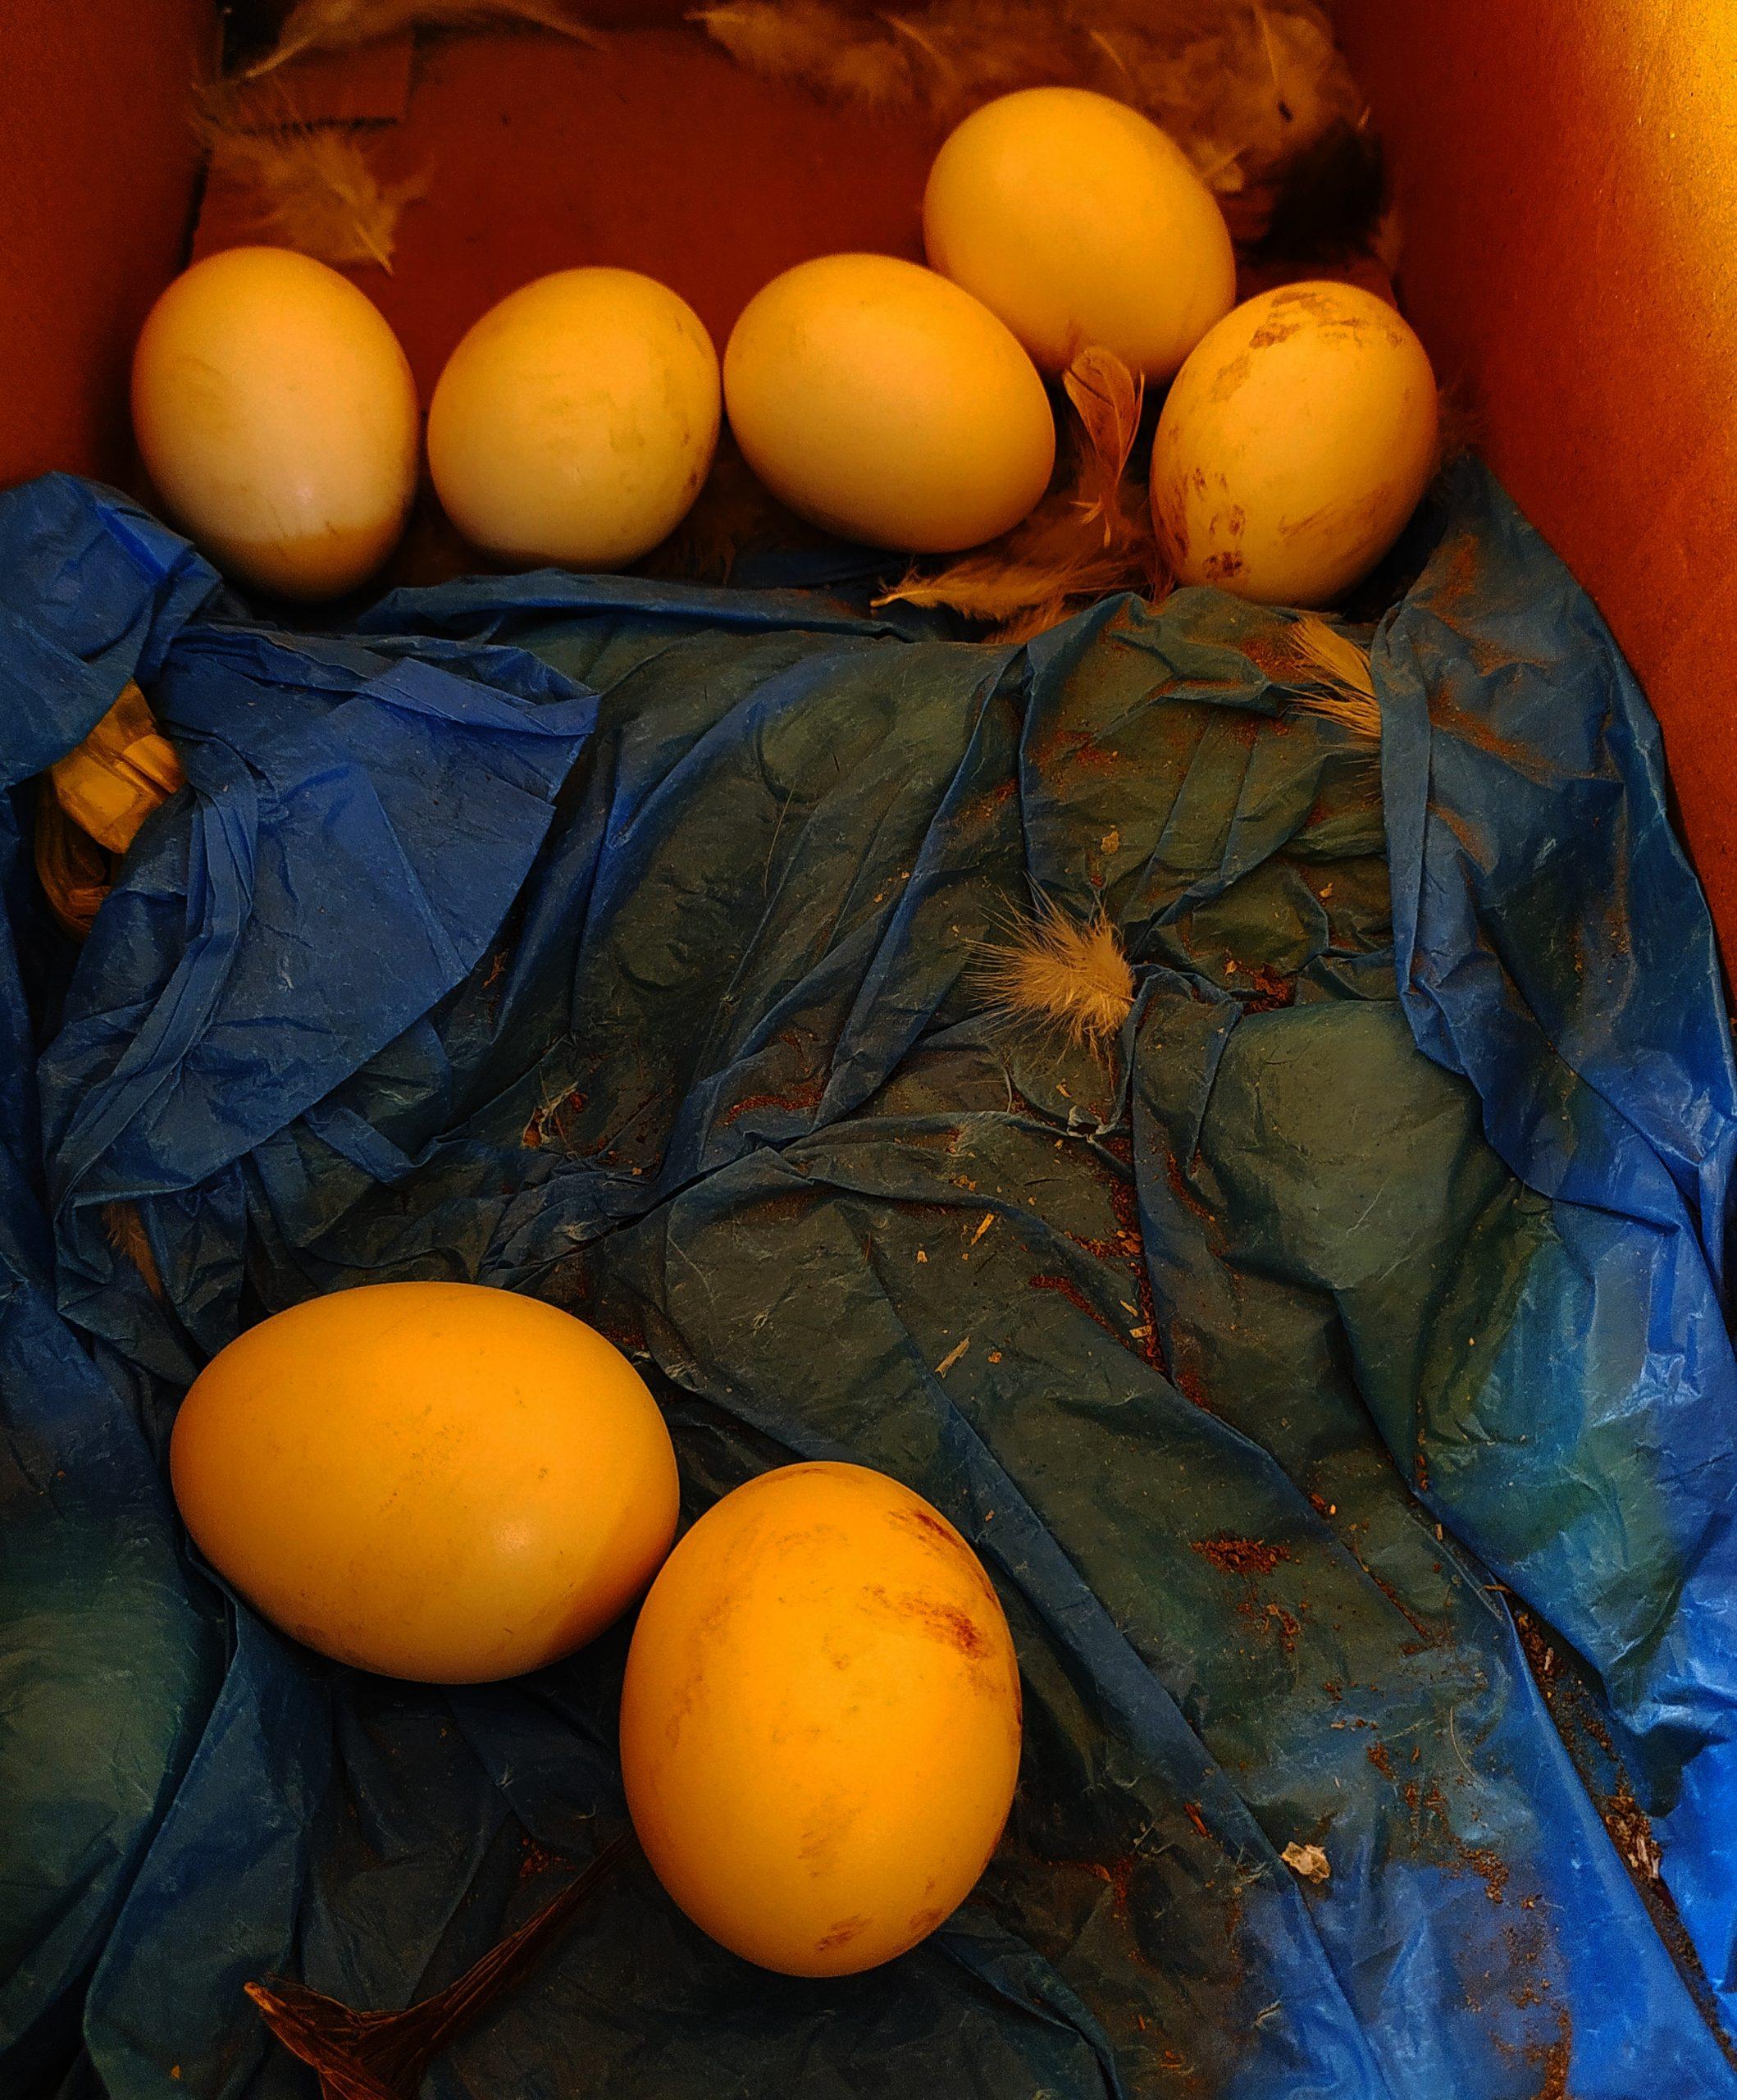 Eggs of an bird